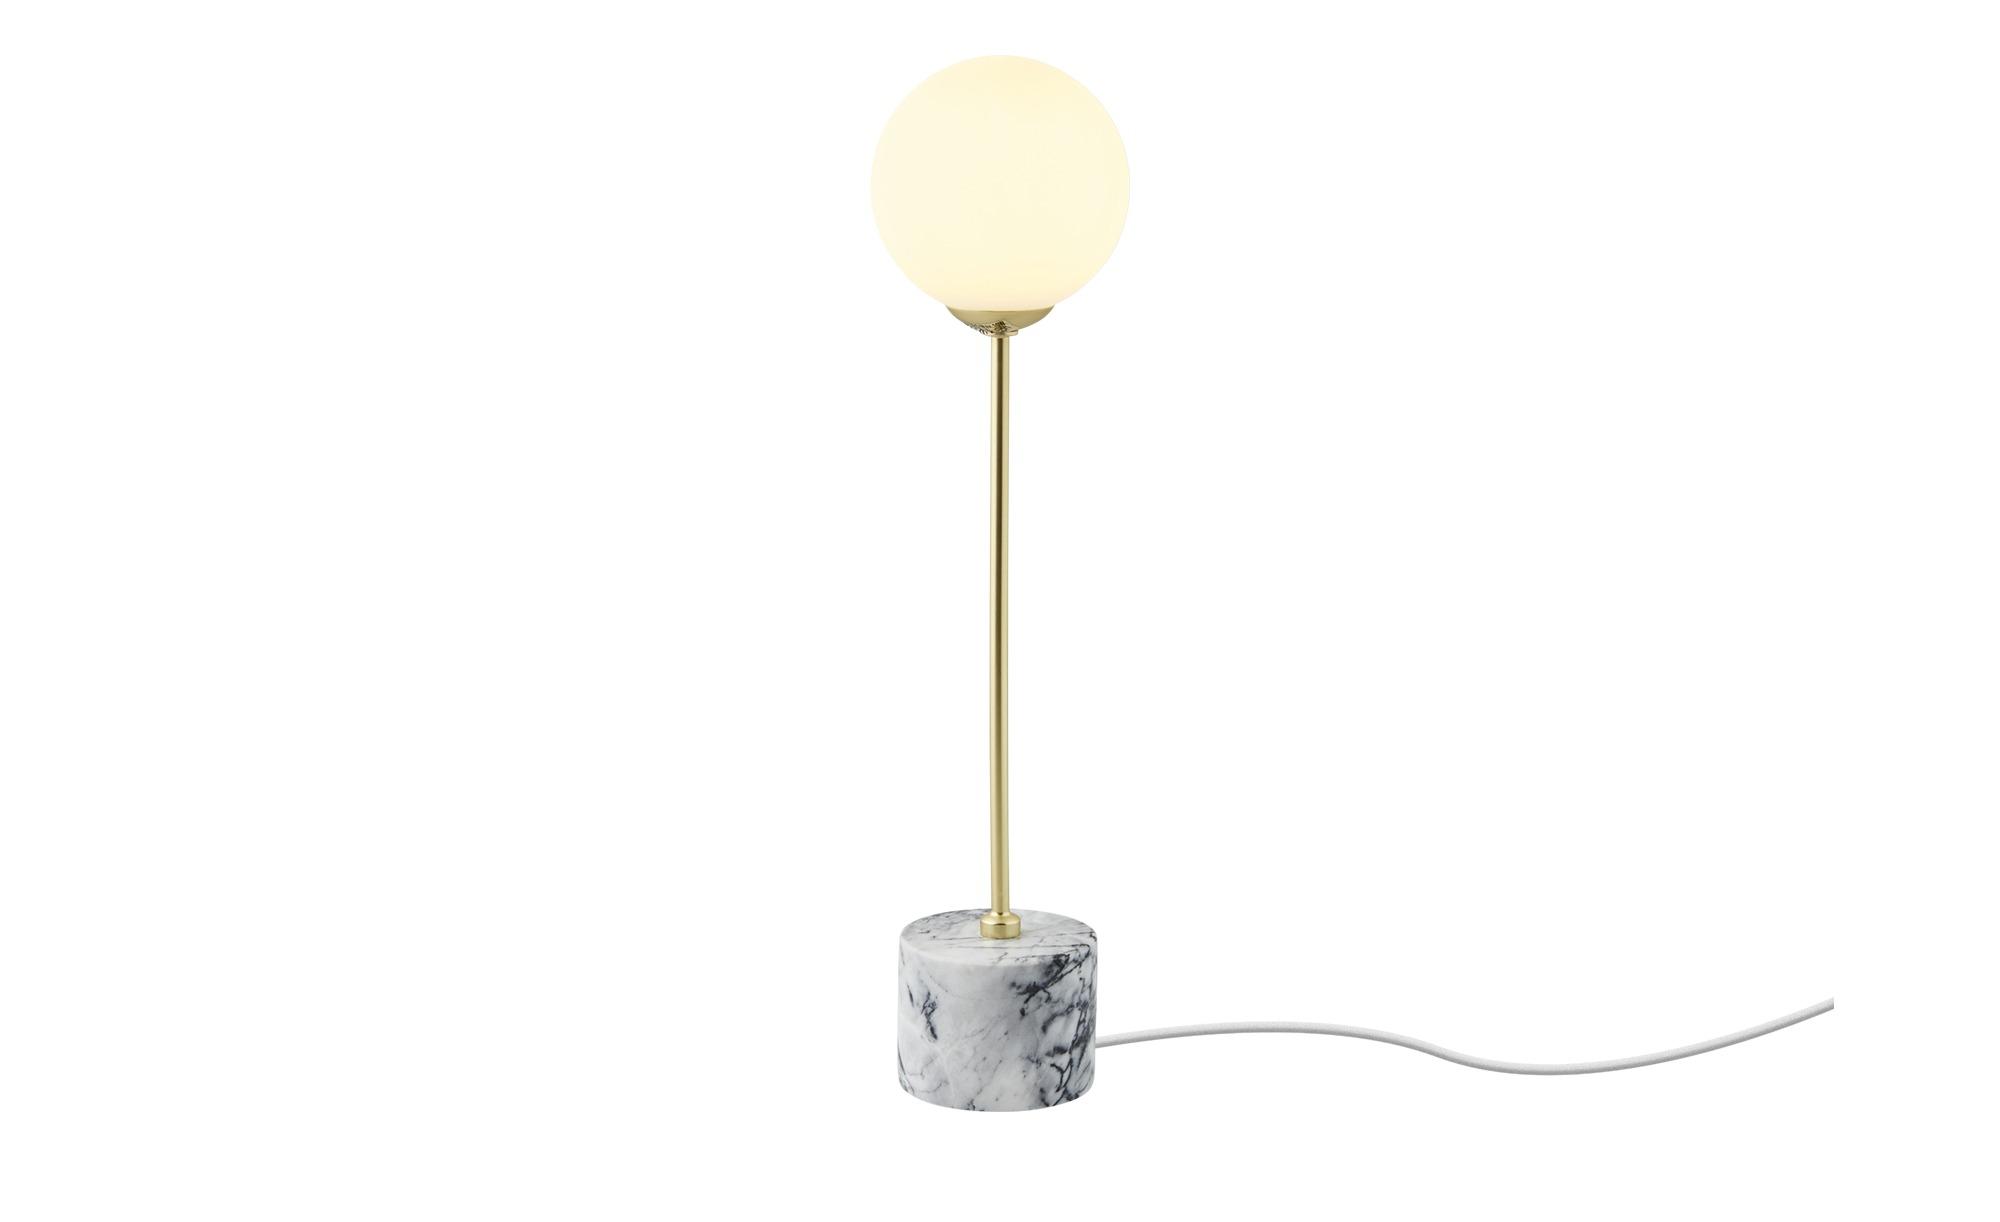 Tischleuchte, 1-flammig, Marmorfuß ¦ gold ¦ Maße (cm): H: 40 Ø: 10 Lampen & Leuchten > Innenleuchten > Tischlampen - Höffner